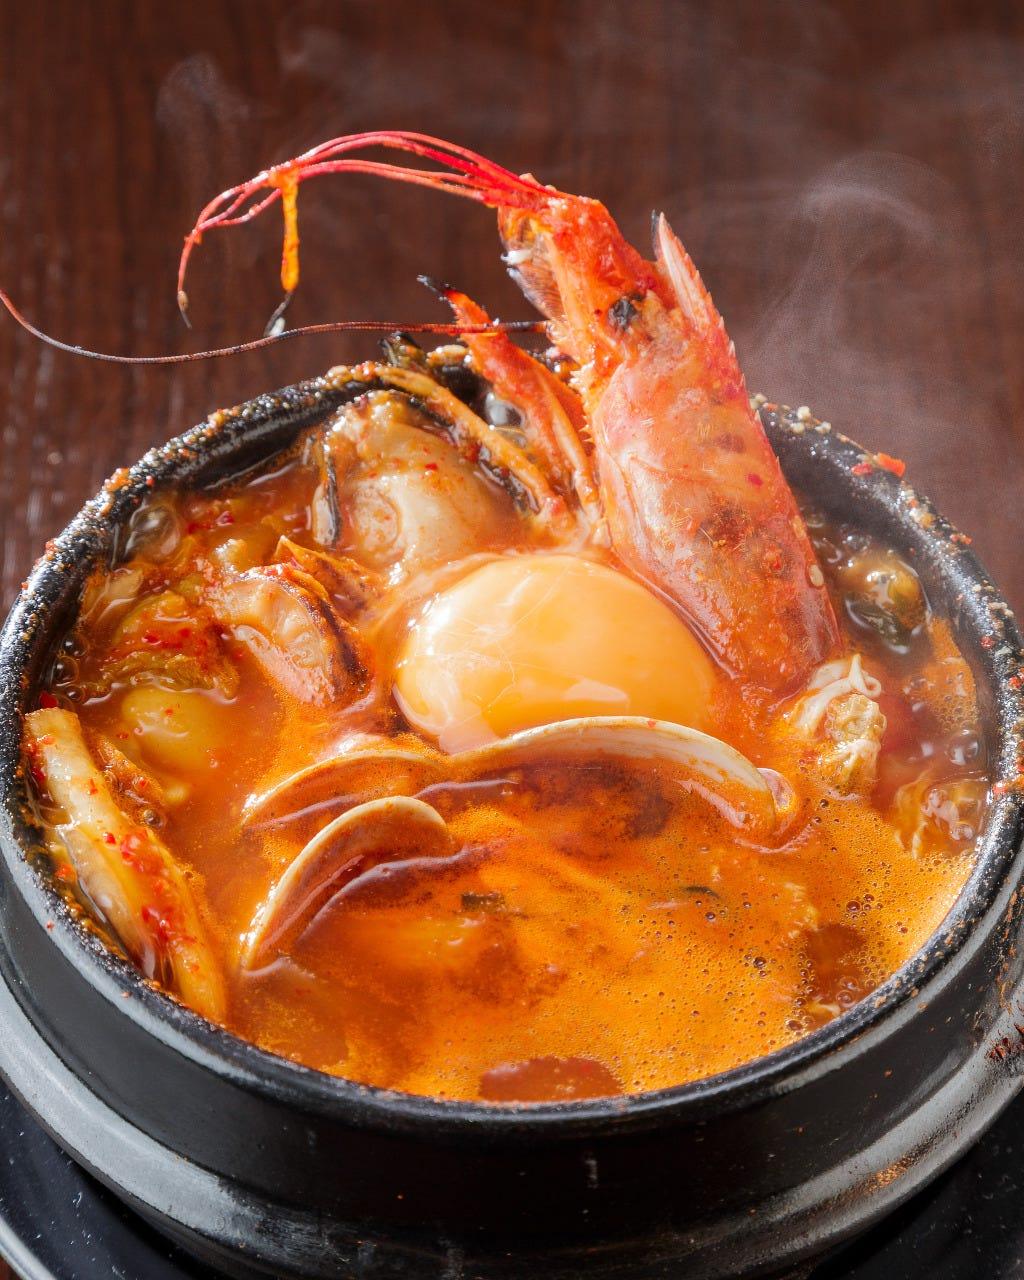 海老・カニ・牡蠣・帆立・イカ・浅利などがたっぷり入ってます!